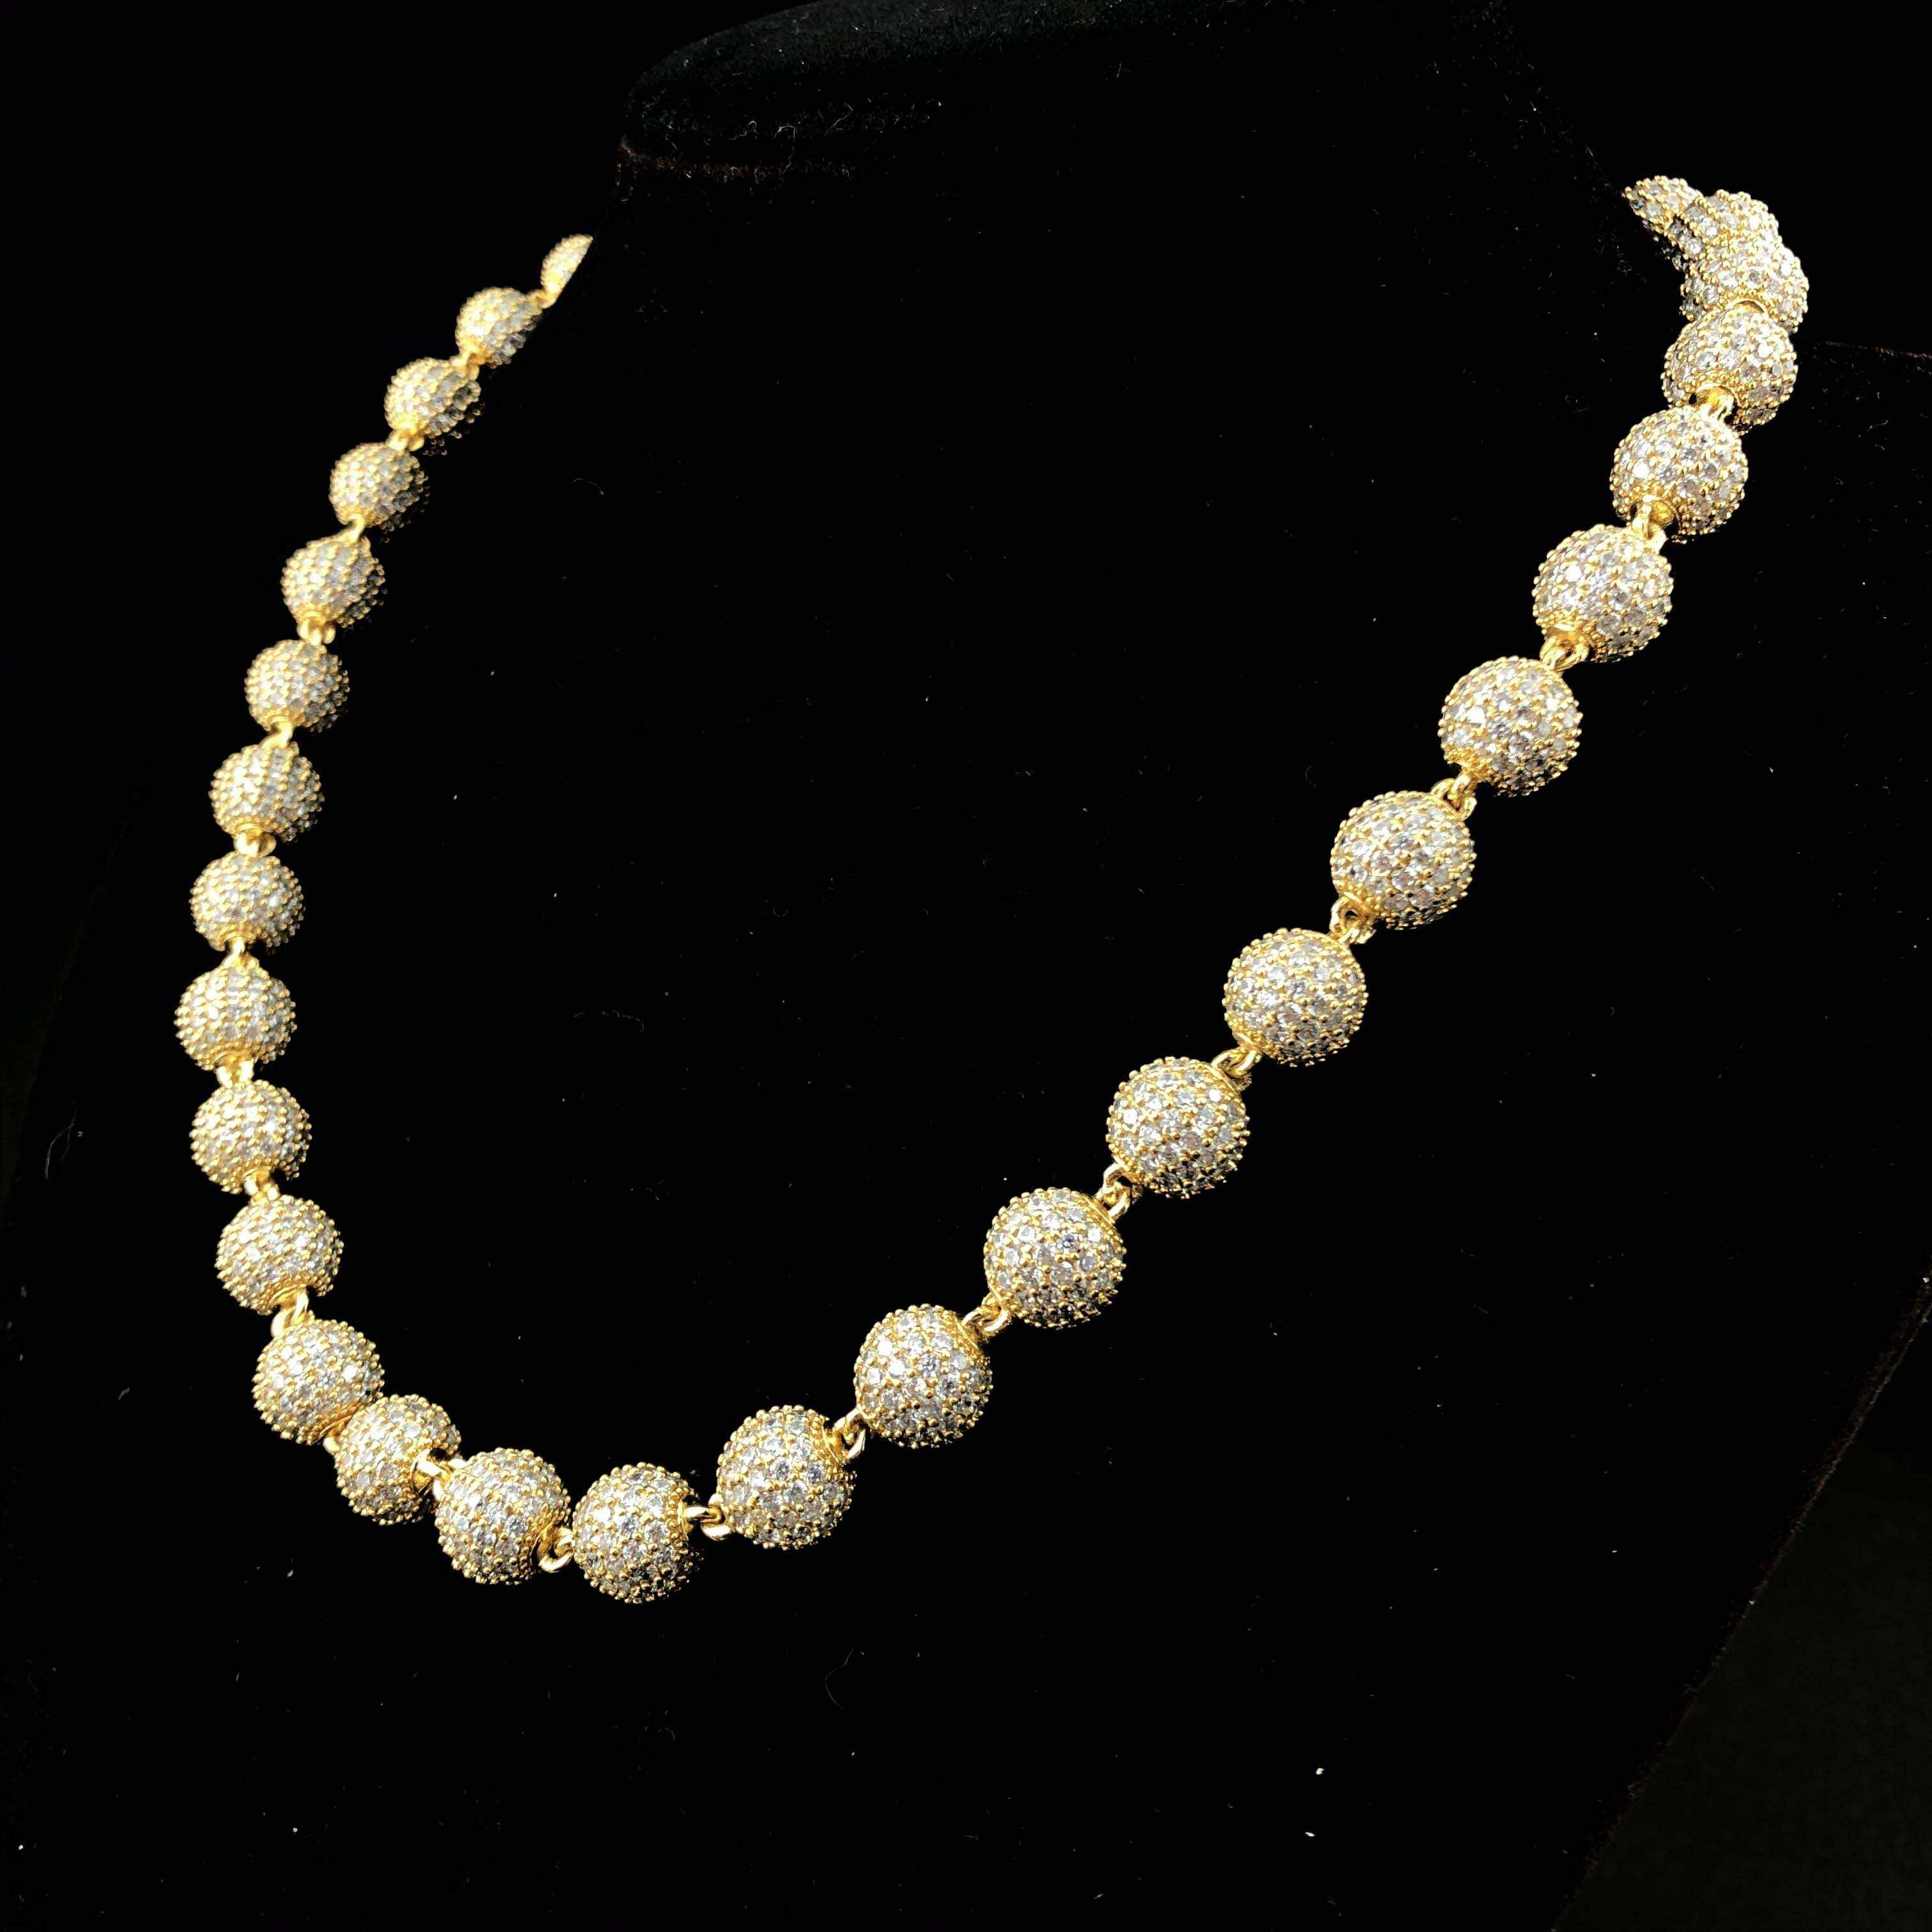 Ювелирные изделия в стиле хип-хоп Золотая и белая золотая цепочка со стеклянными шариками